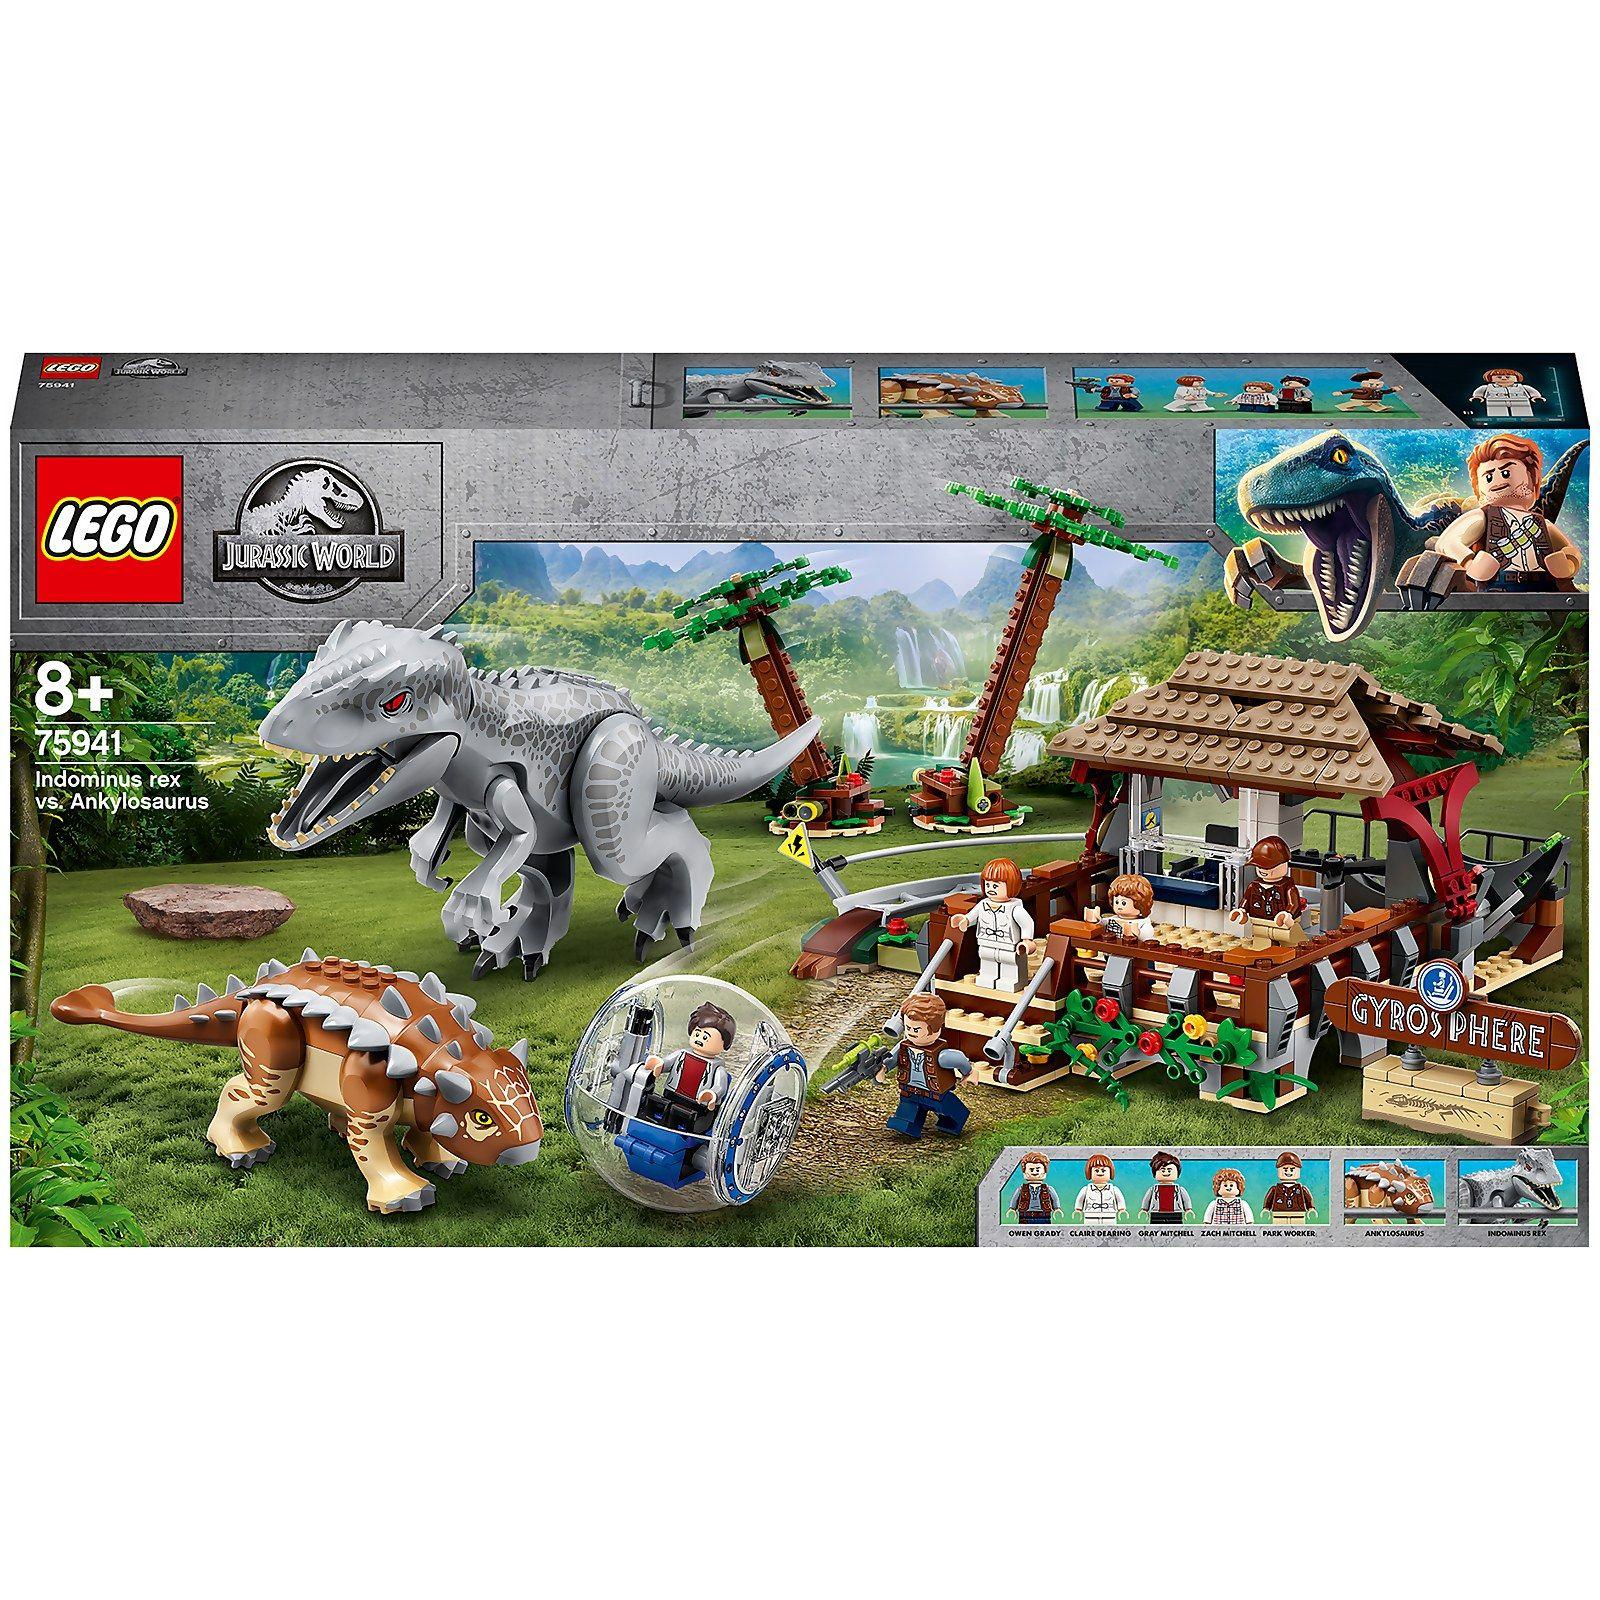 Jouet Lego Jurassic World - L'Indominus Rex contre l'Ankylosaure (75941)